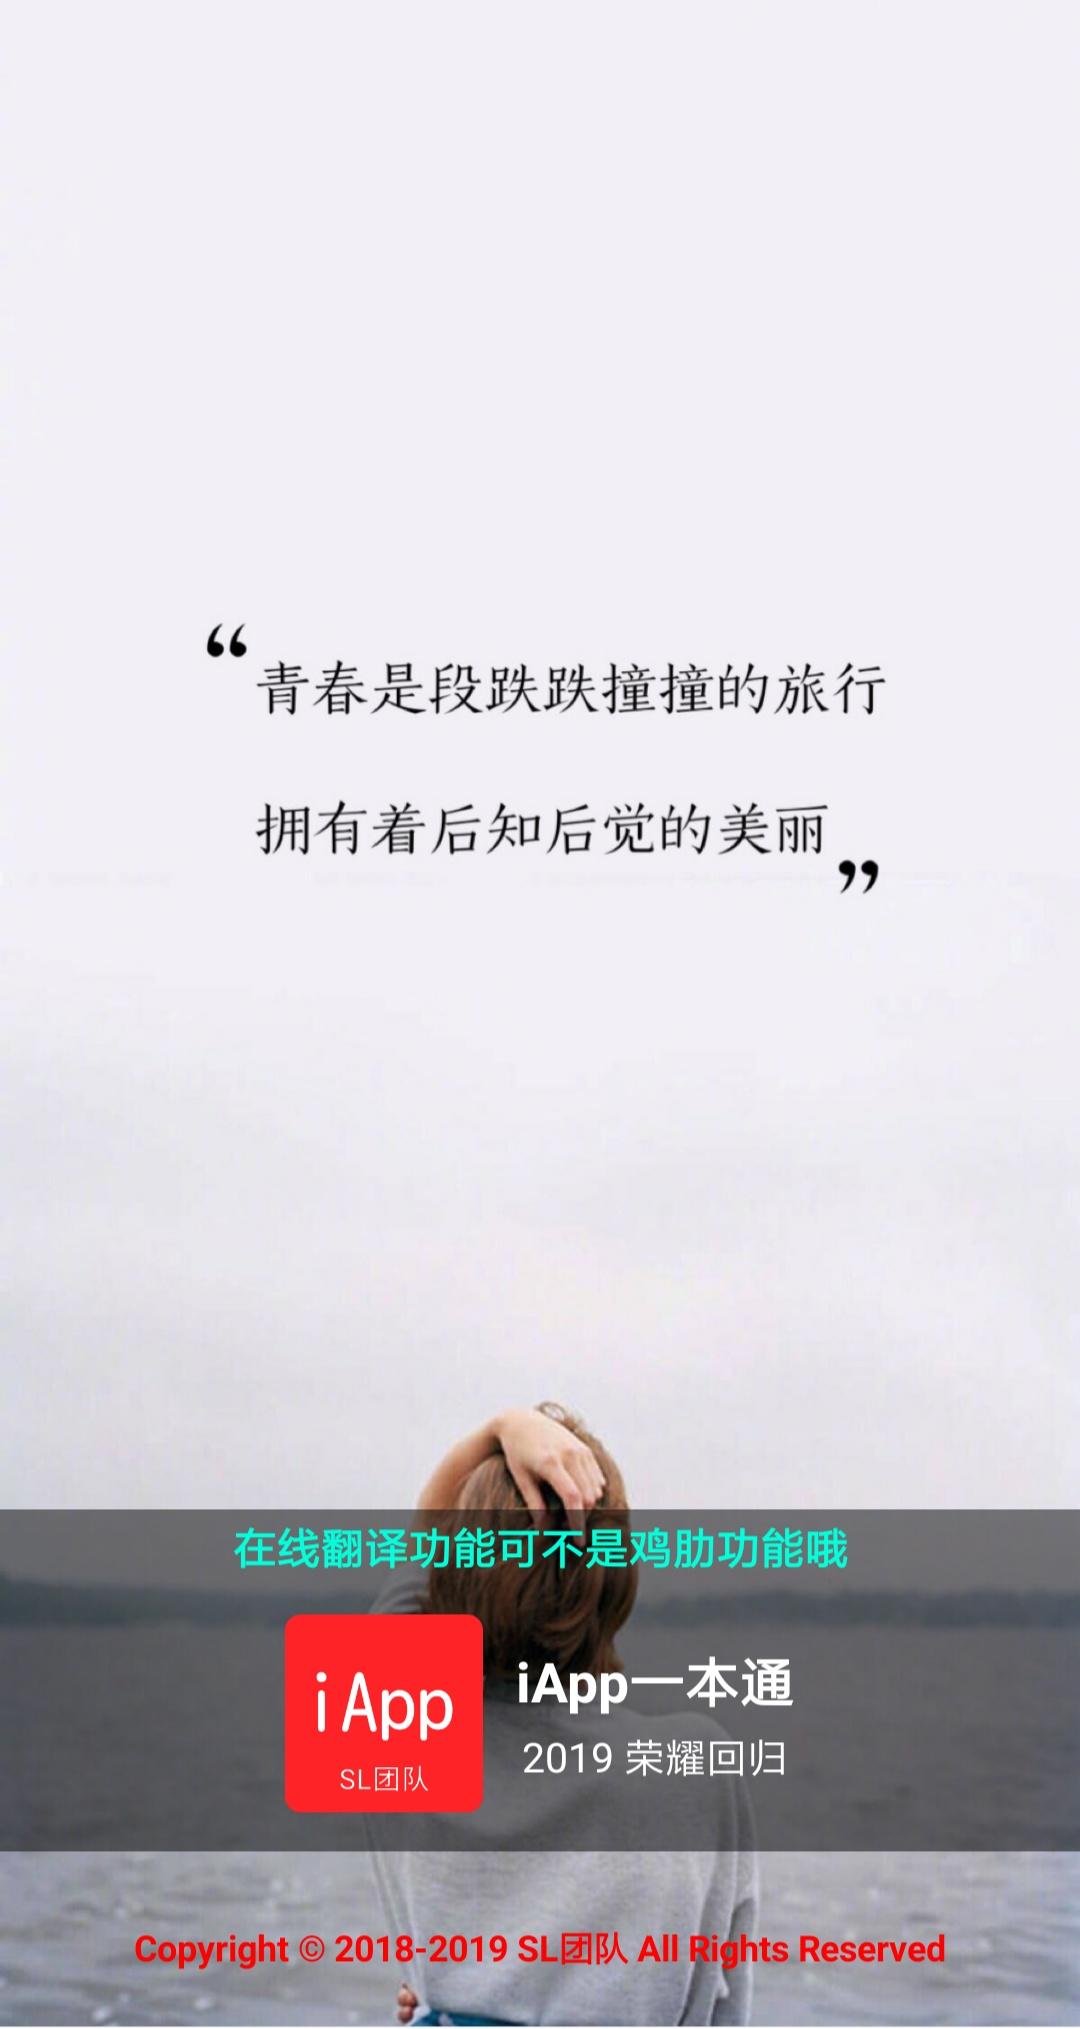 【原创】iApp一本通V2.1全网首发●适用所有人-爱小助